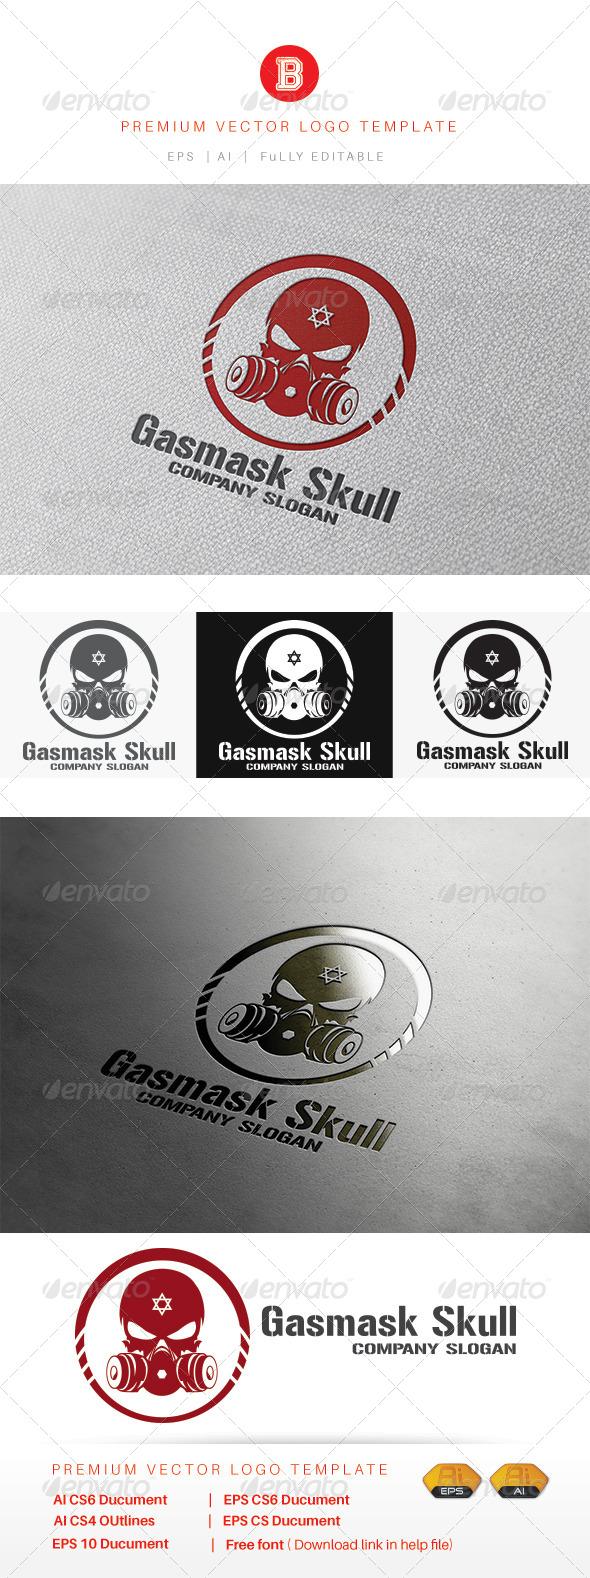 GraphicRiver Gasmask Skull 8226735